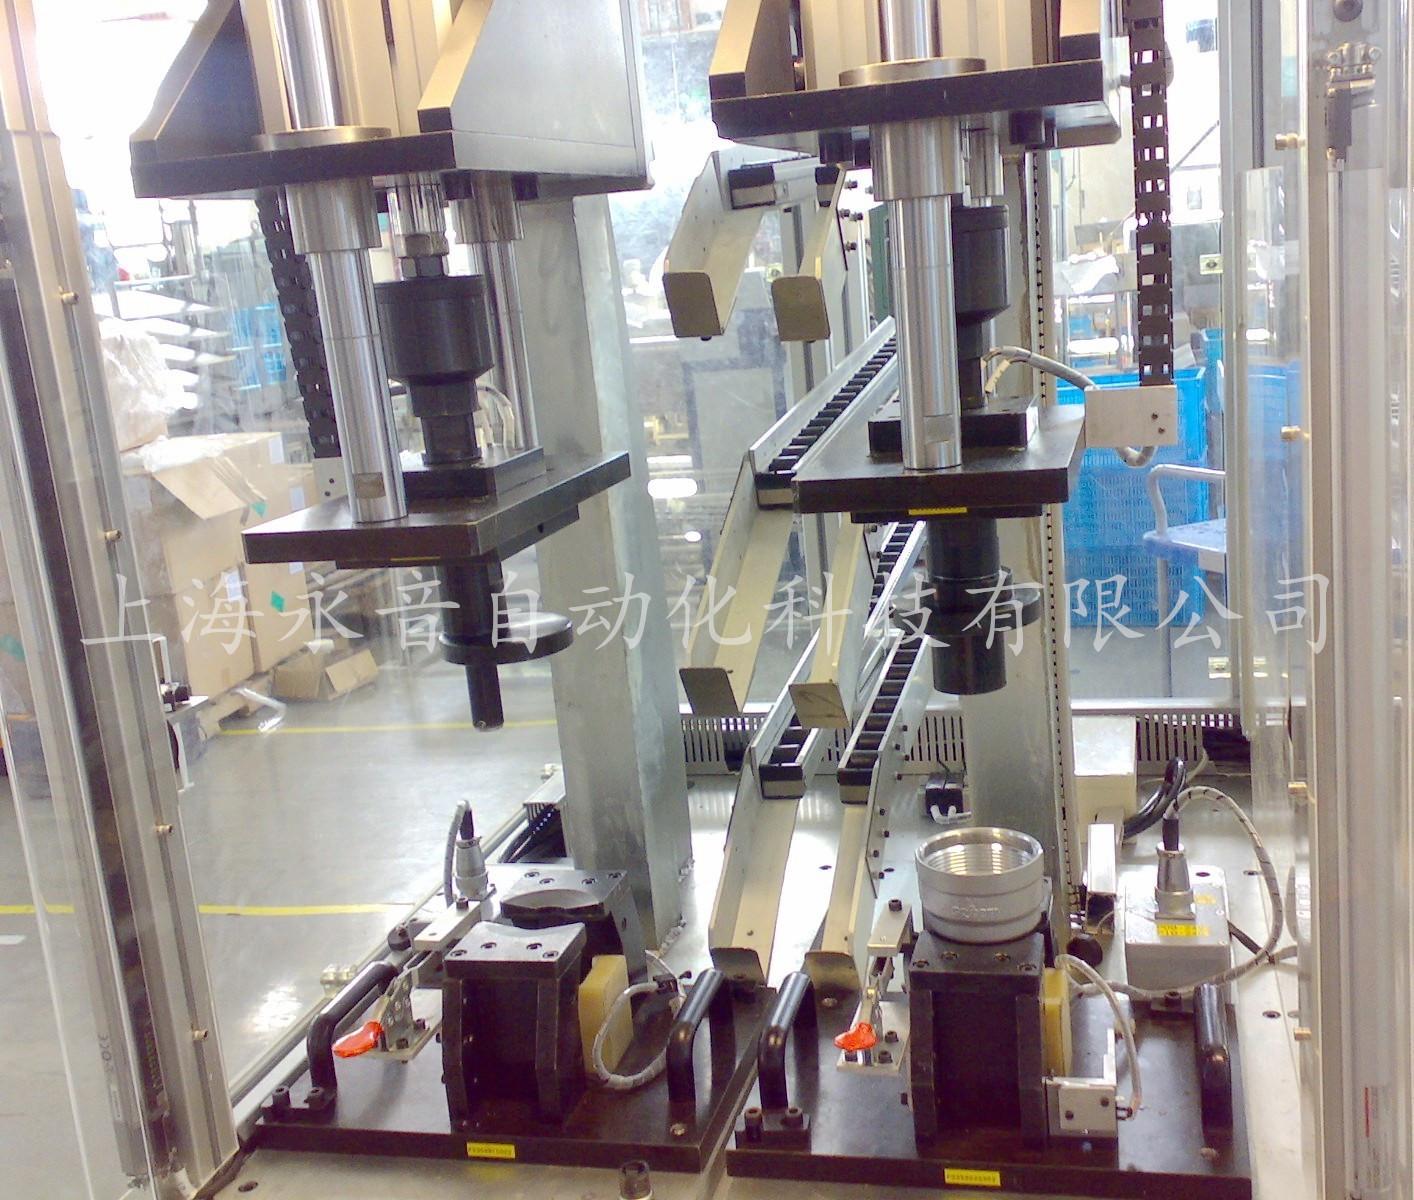 工业非标设备定制,非标设备